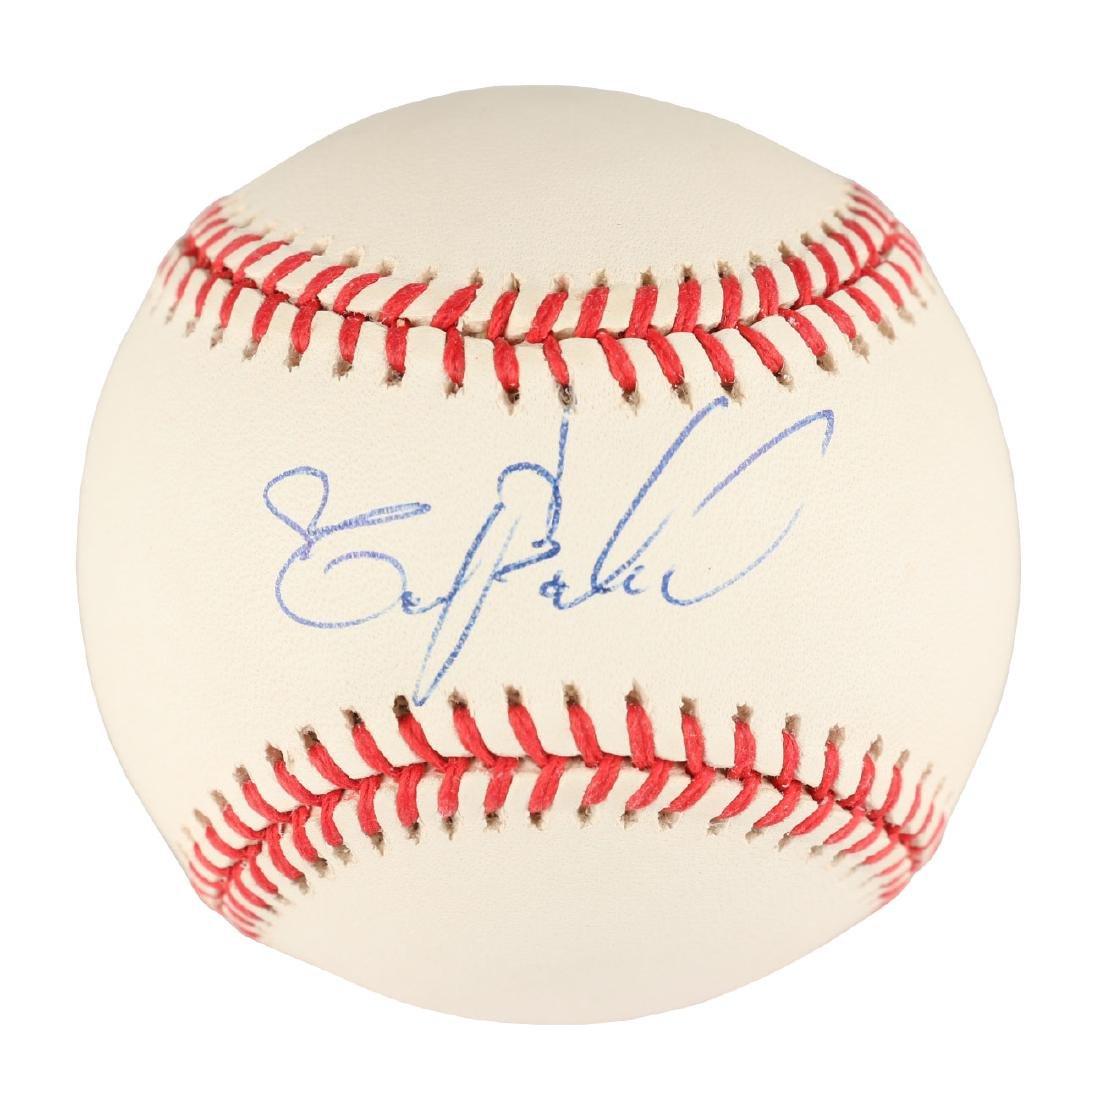 Tony Bautista Signed Baseball